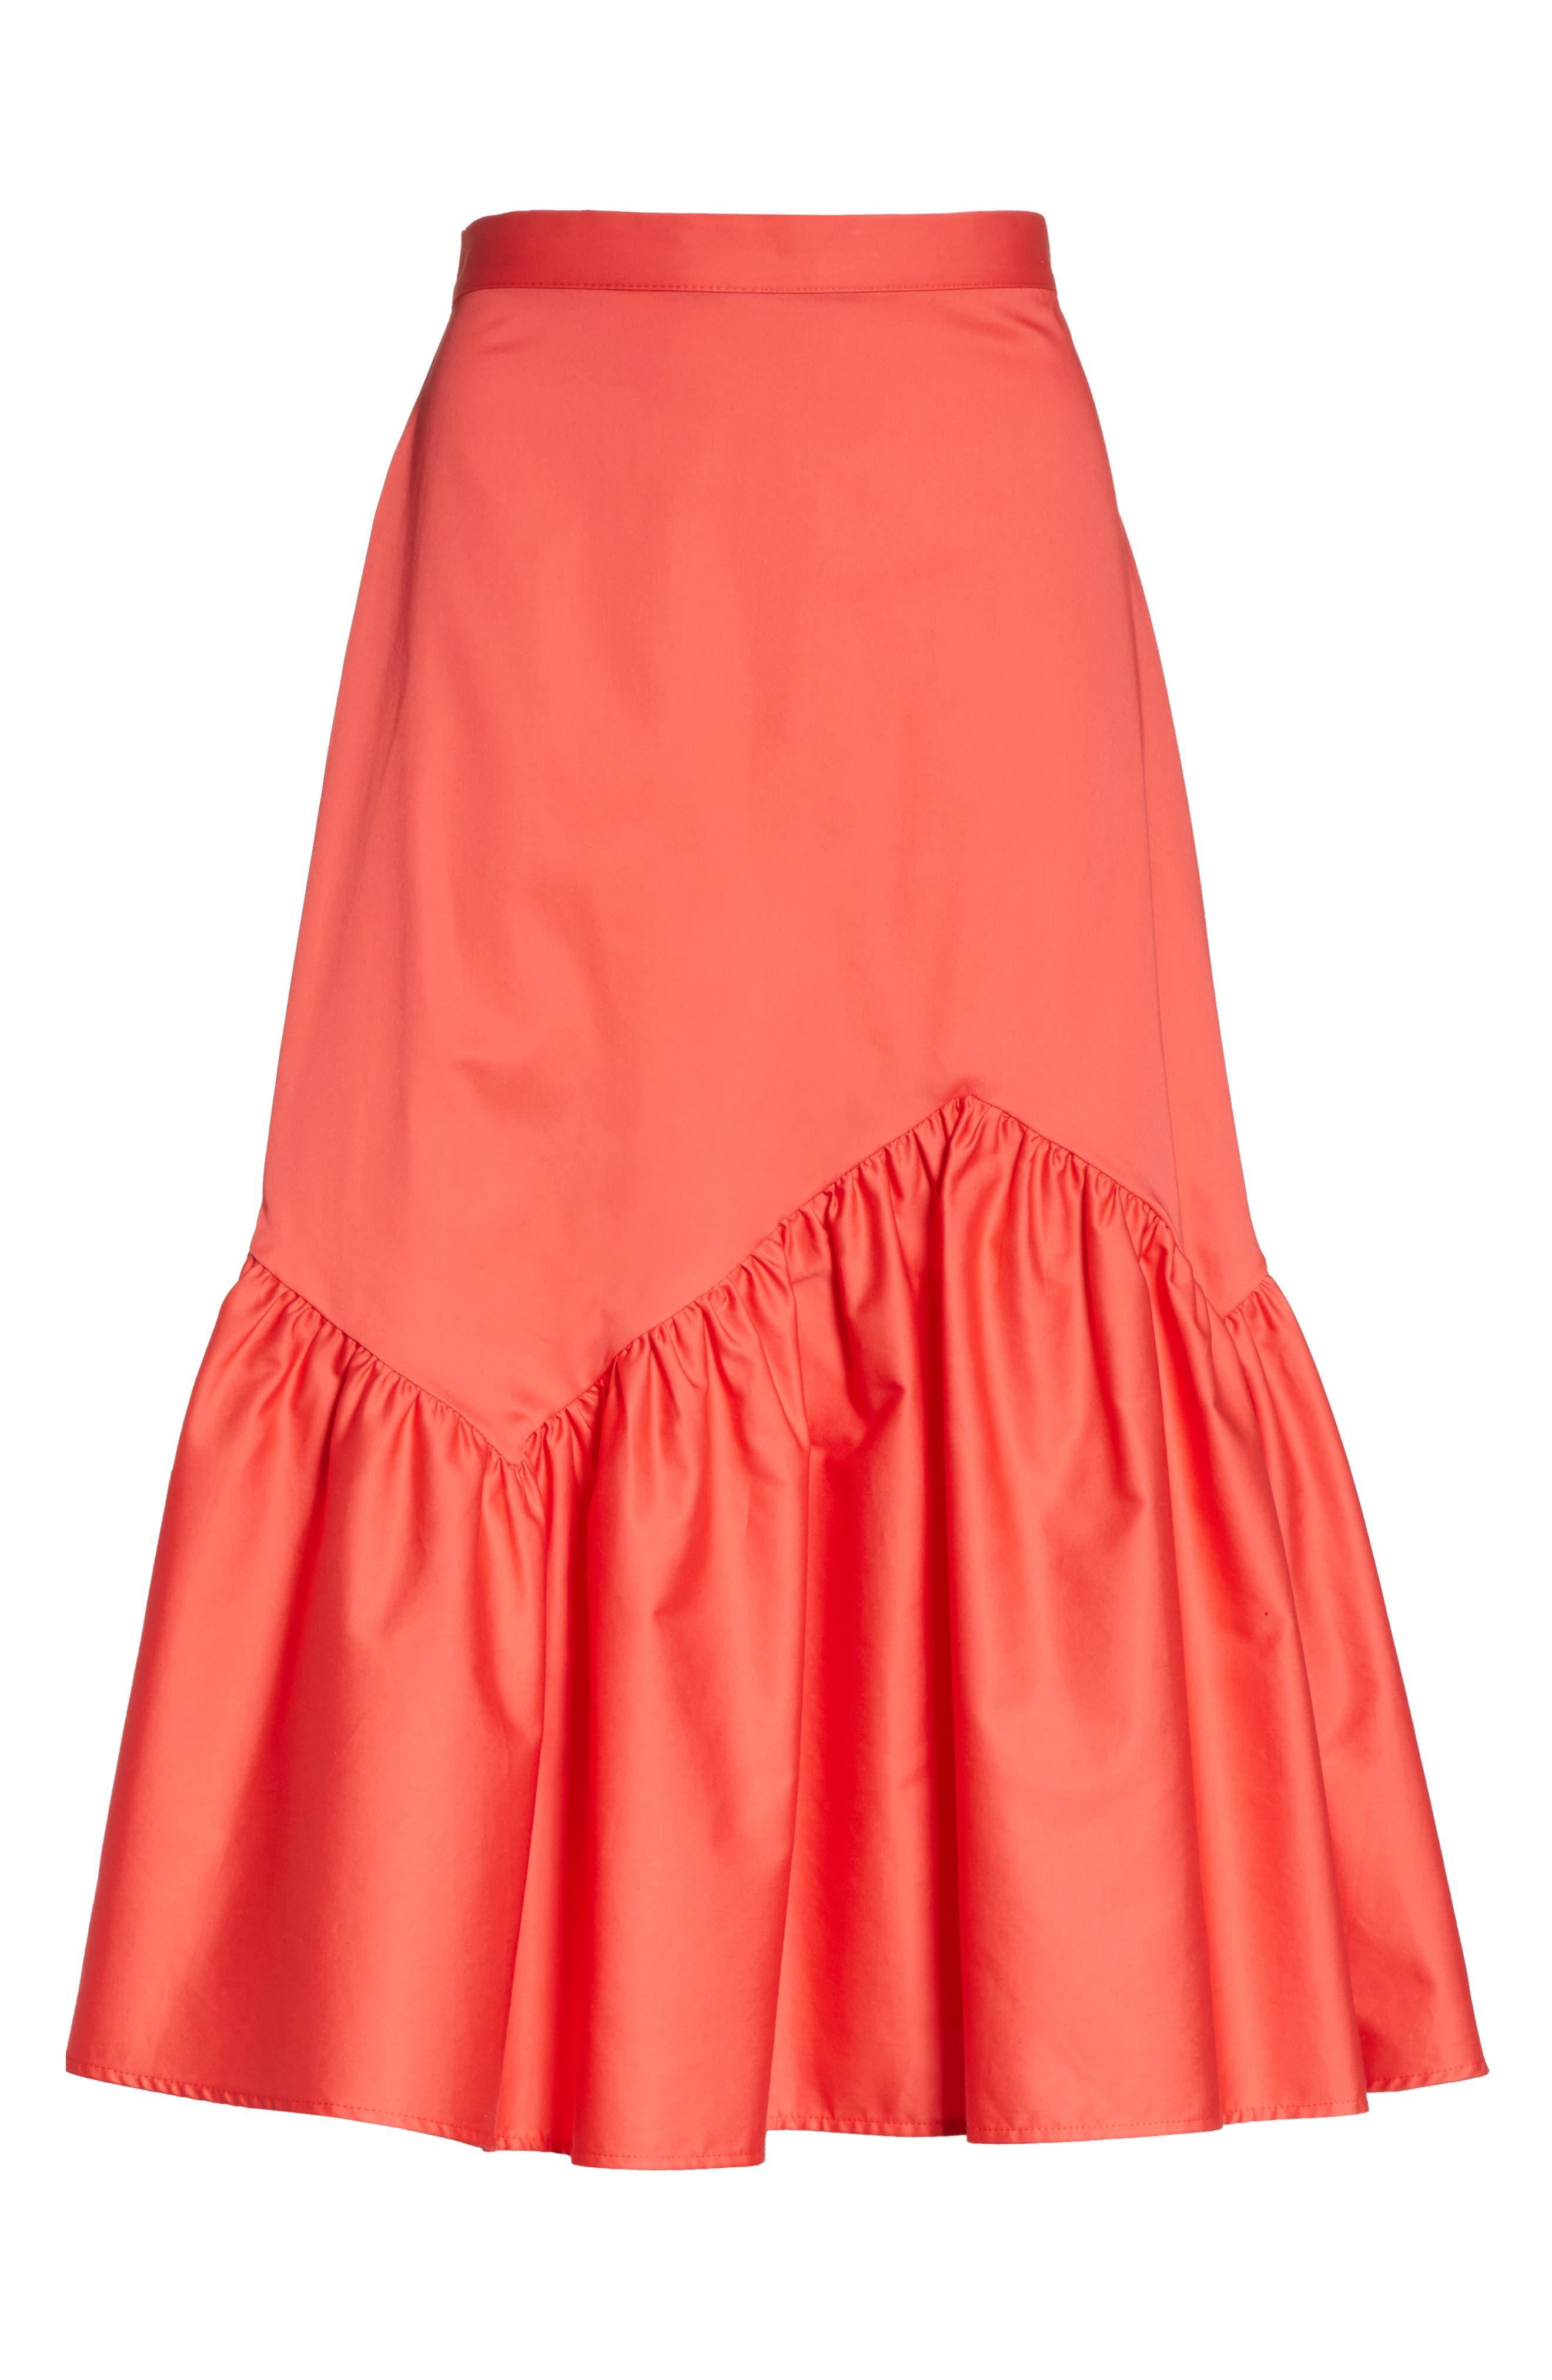 Prose & Poetry Tyra Midi Skirt,                             Alternate thumbnail 6, color,                             621